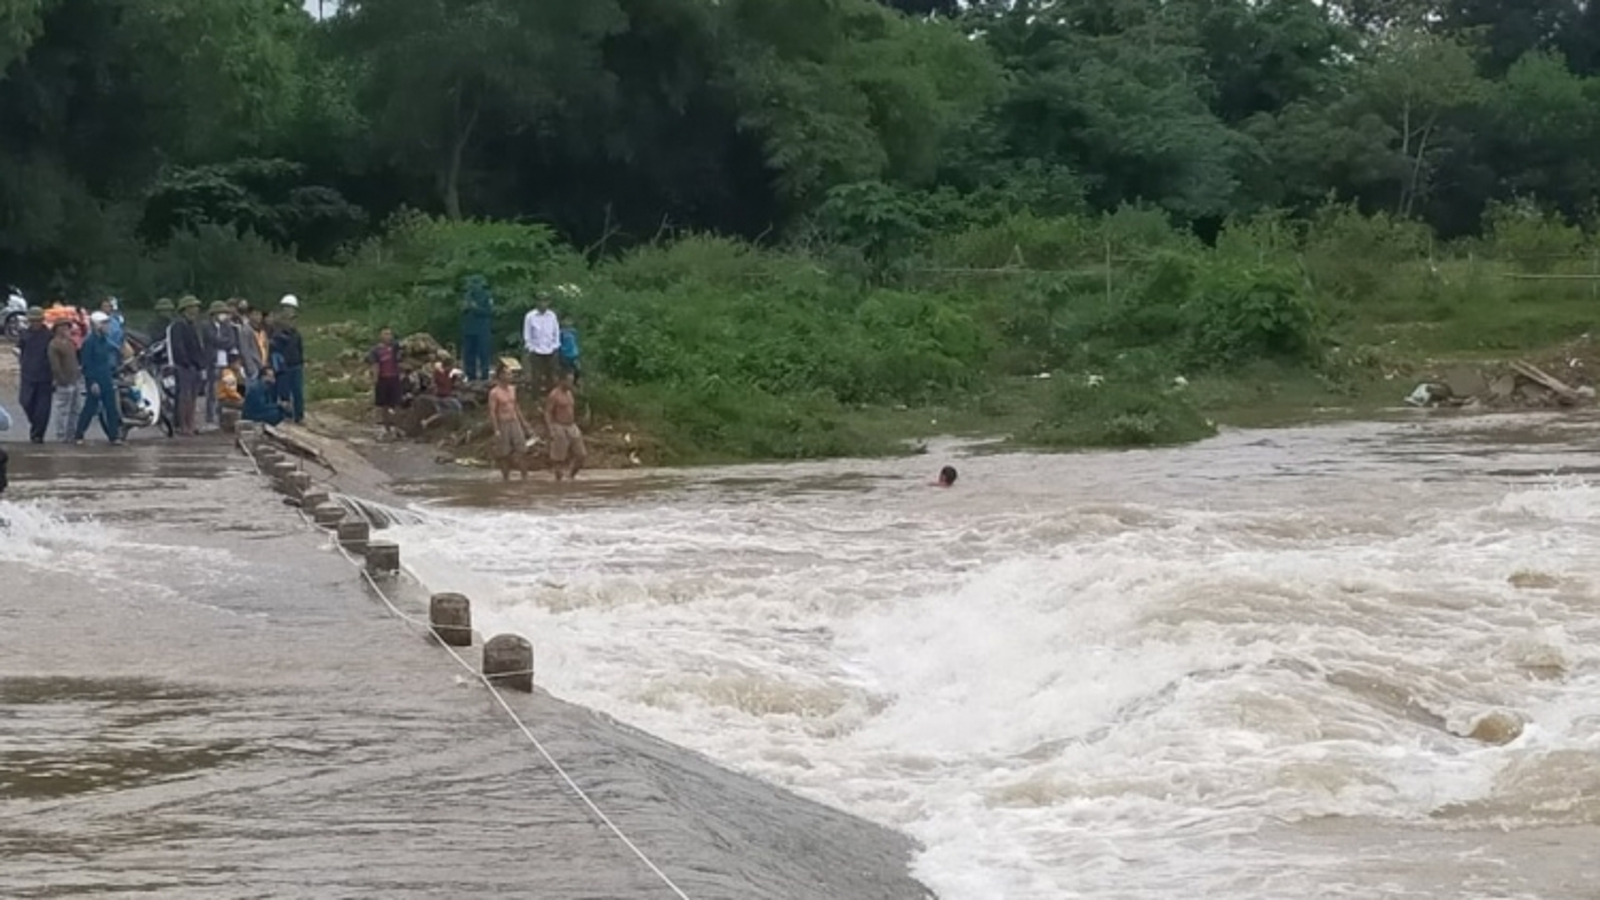 Đi qua cầu tràn, người đàn ông bị nước lũ cuốn mất tích